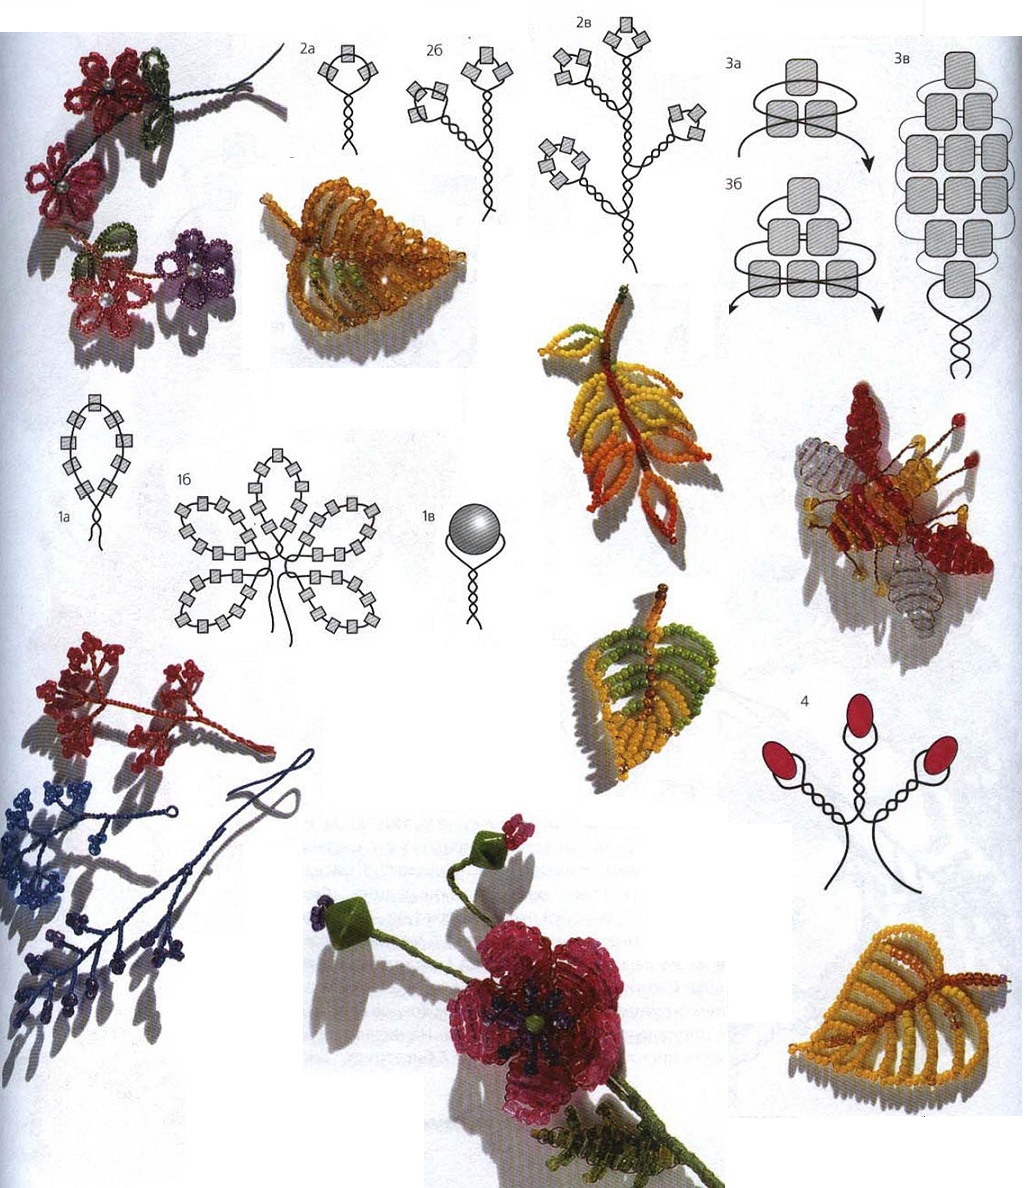 Галерея работ из бисера.  Новостная рассылка от Biserok.org.  Источники информации.